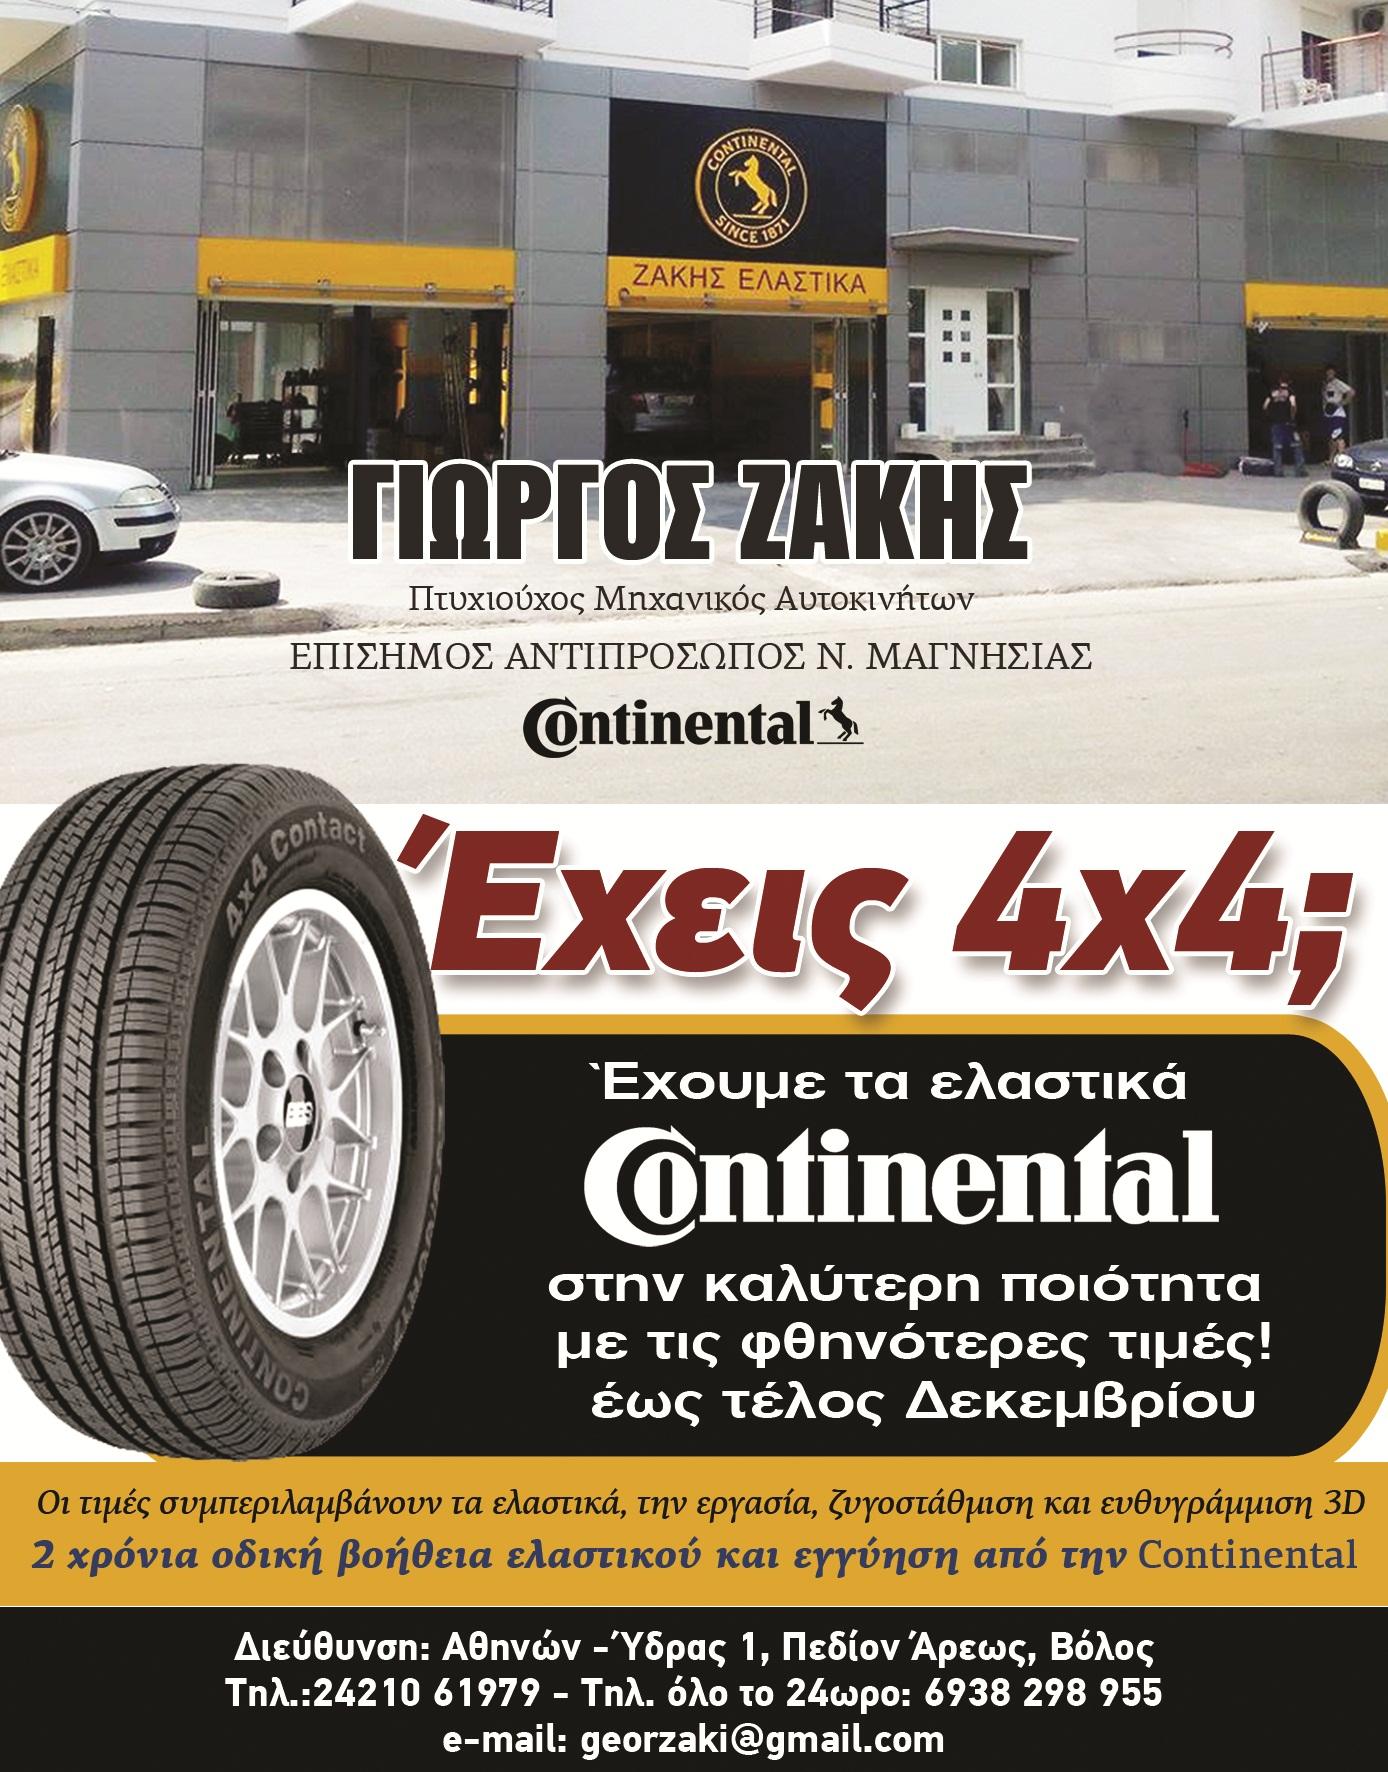 http://www.elastikavolos.gr/el/BOYLKANIZATER-ELASTIKA-VOLOS